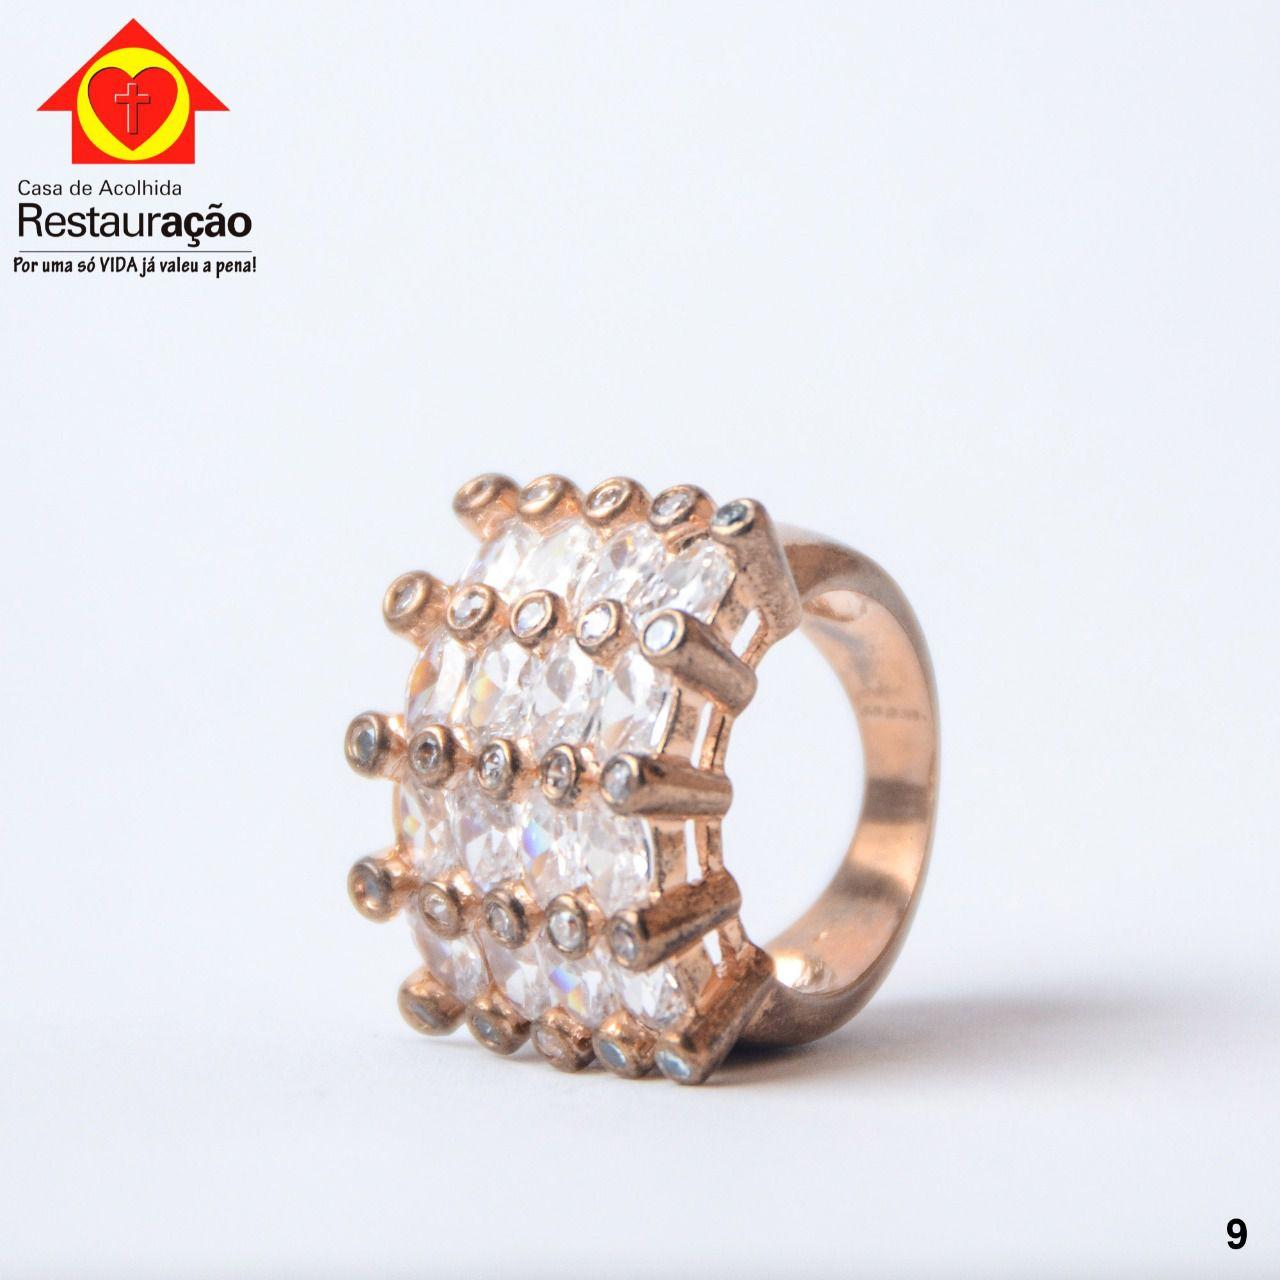 Anel Dourado com Pedras Naturais.